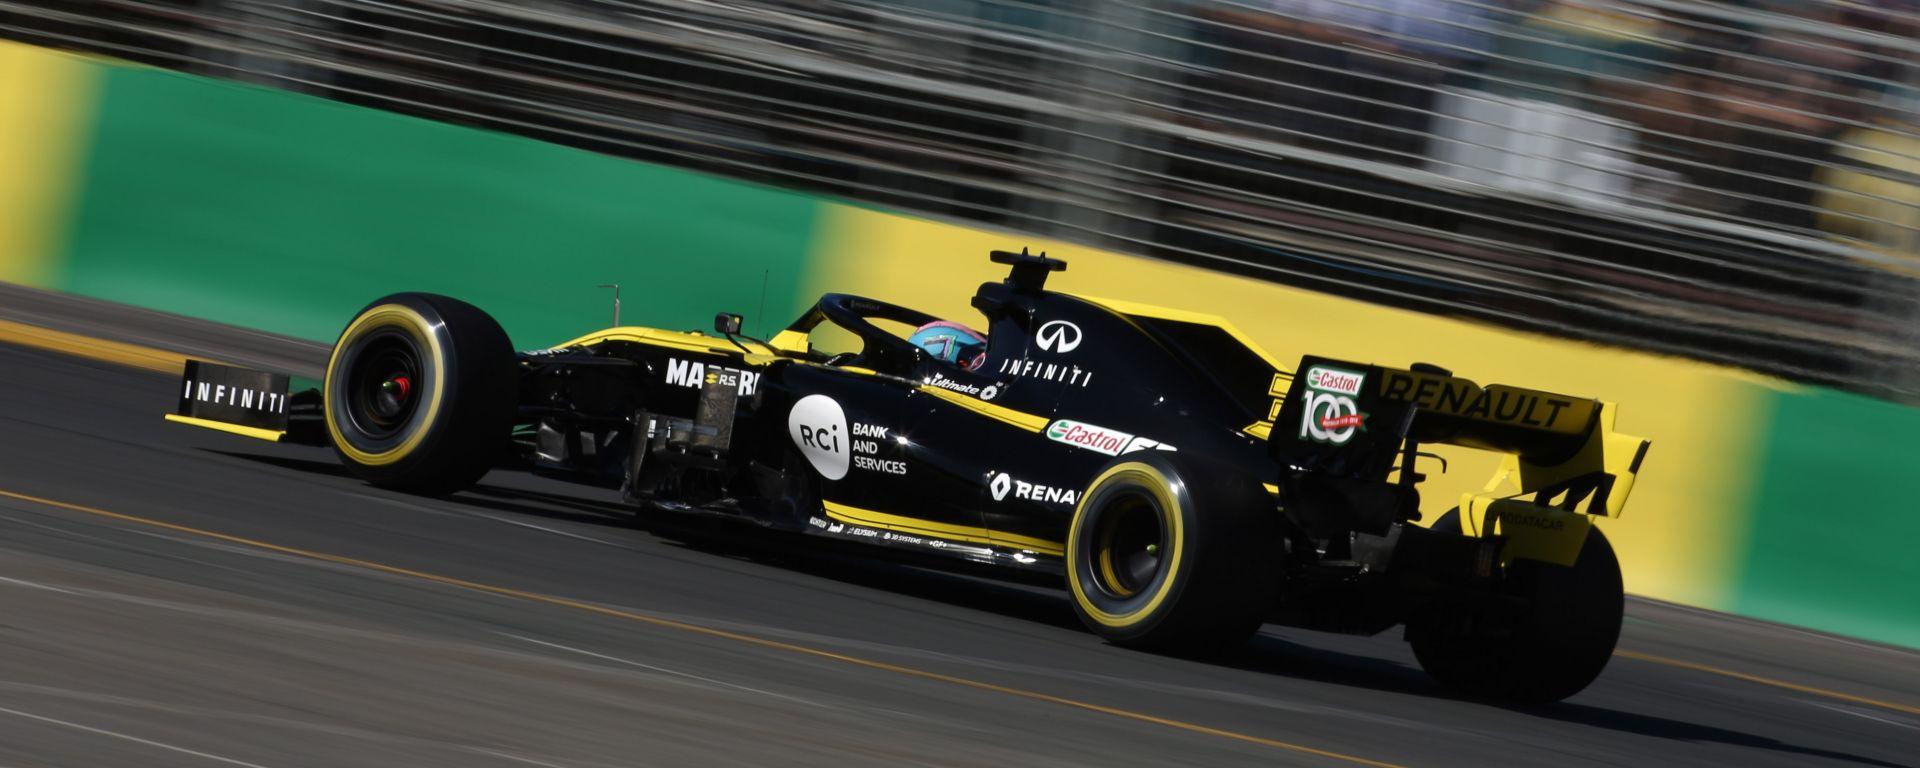 Daniel Ricciardo e la sua Renault R.S.19 sul circuito di Melbourne